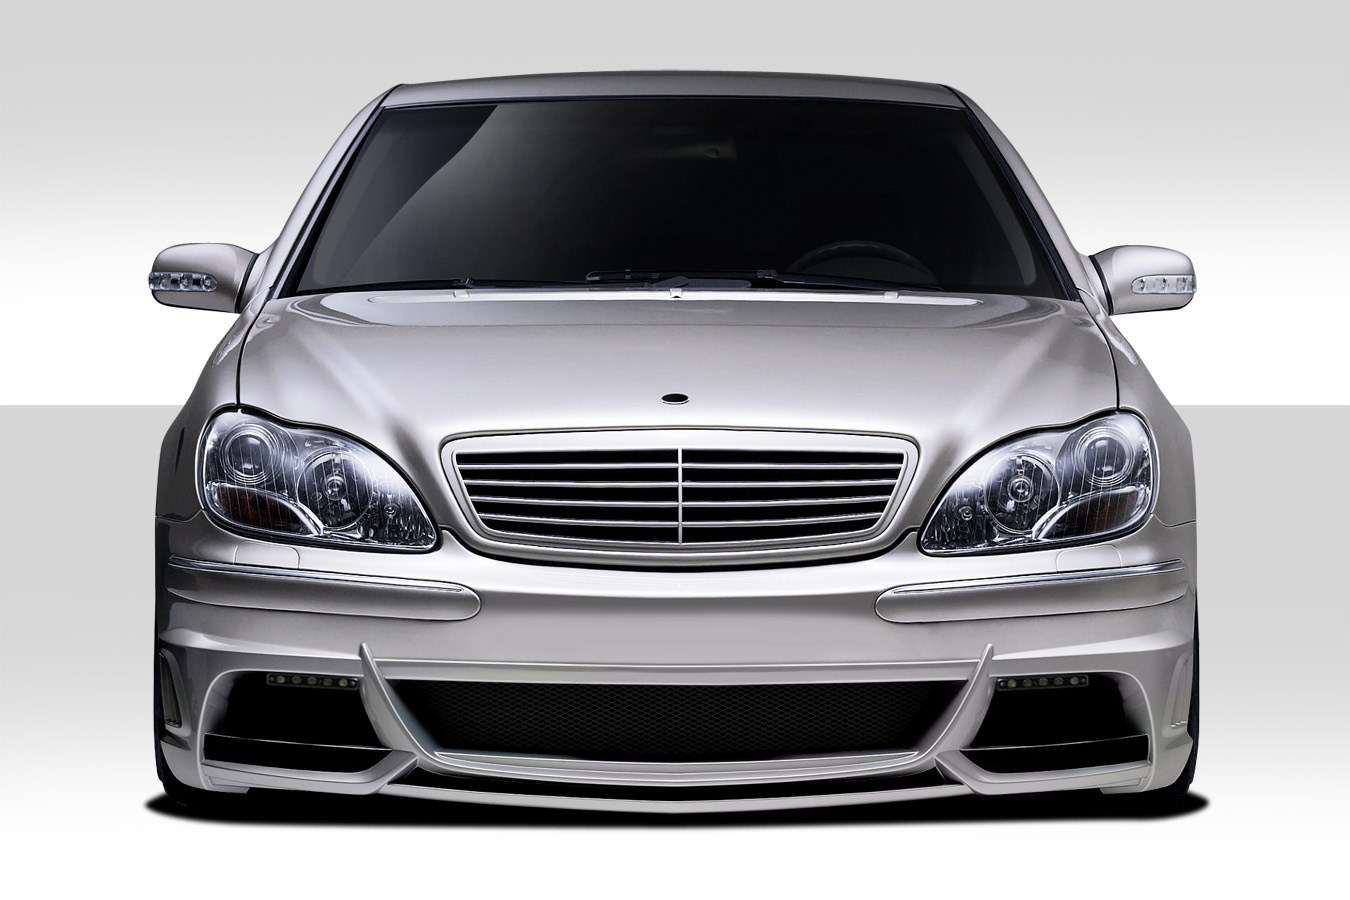 2000-2006 Mercedes Benz S Class Body Kit